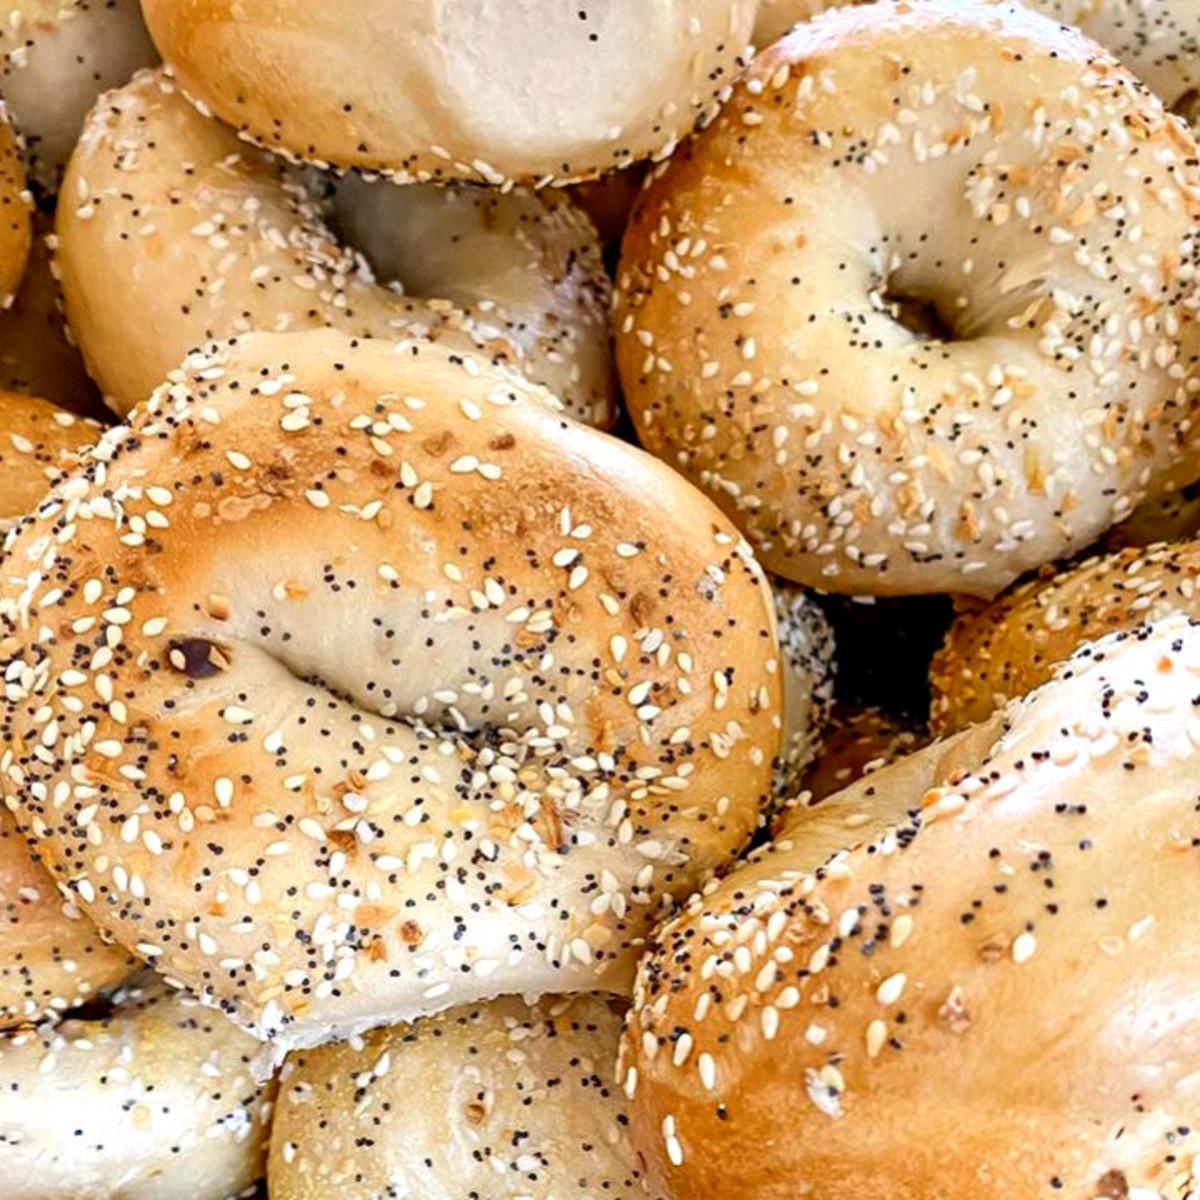 NY Deli coffee shop sesame bagels